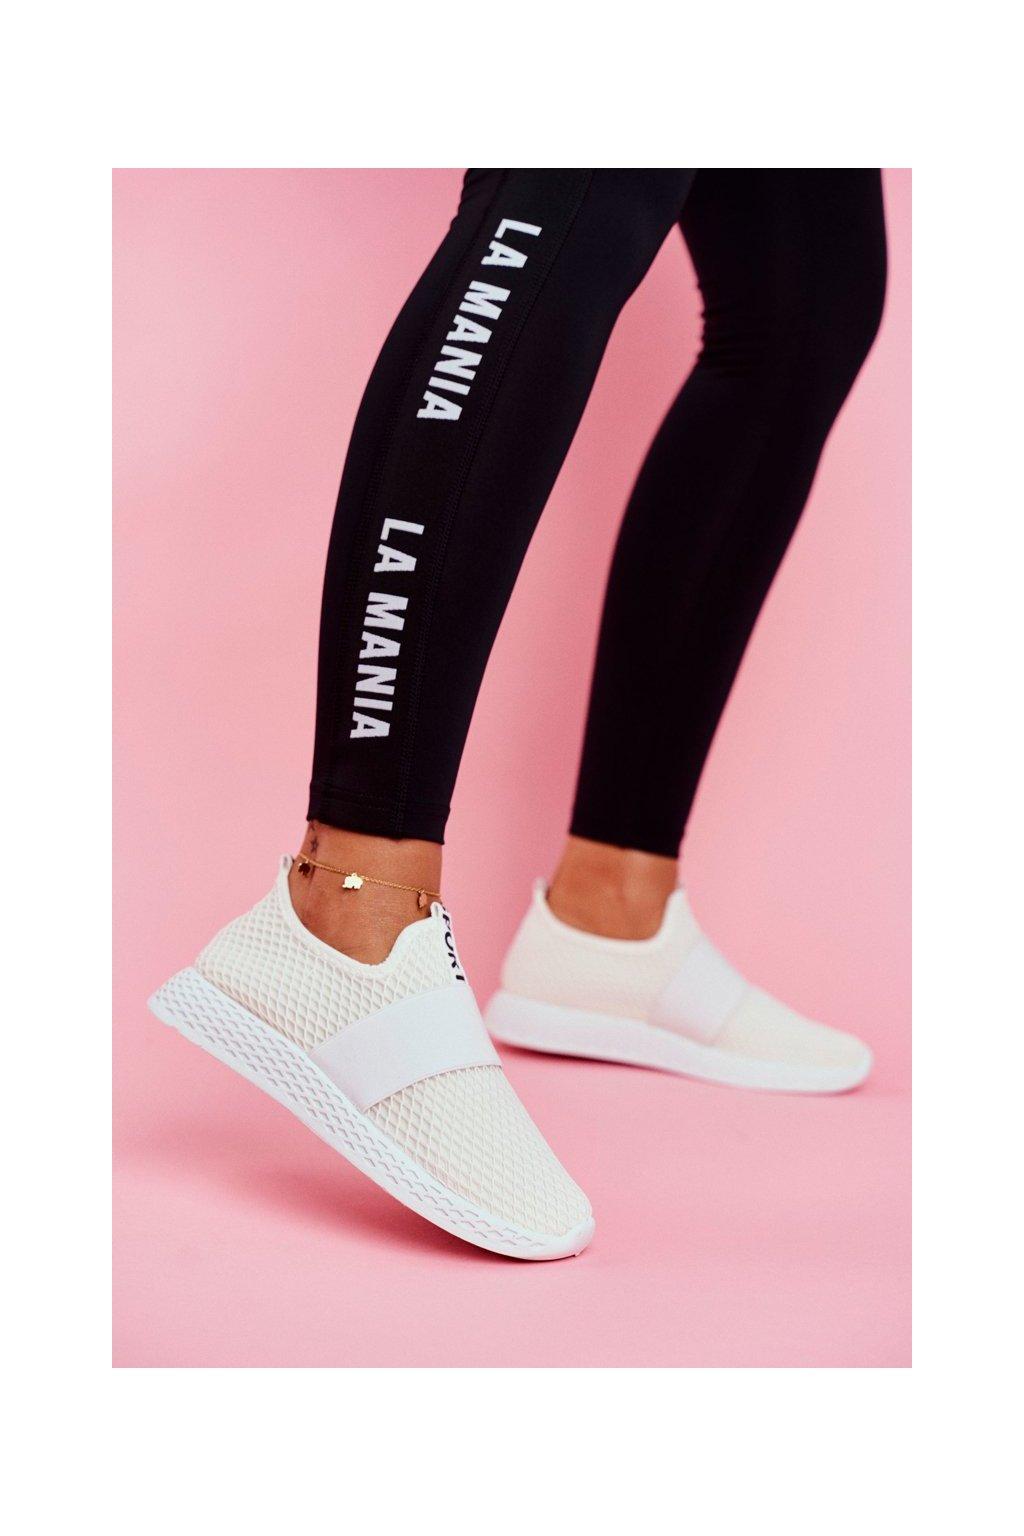 Dámska športová obuv Slip-on biele La Fiesta